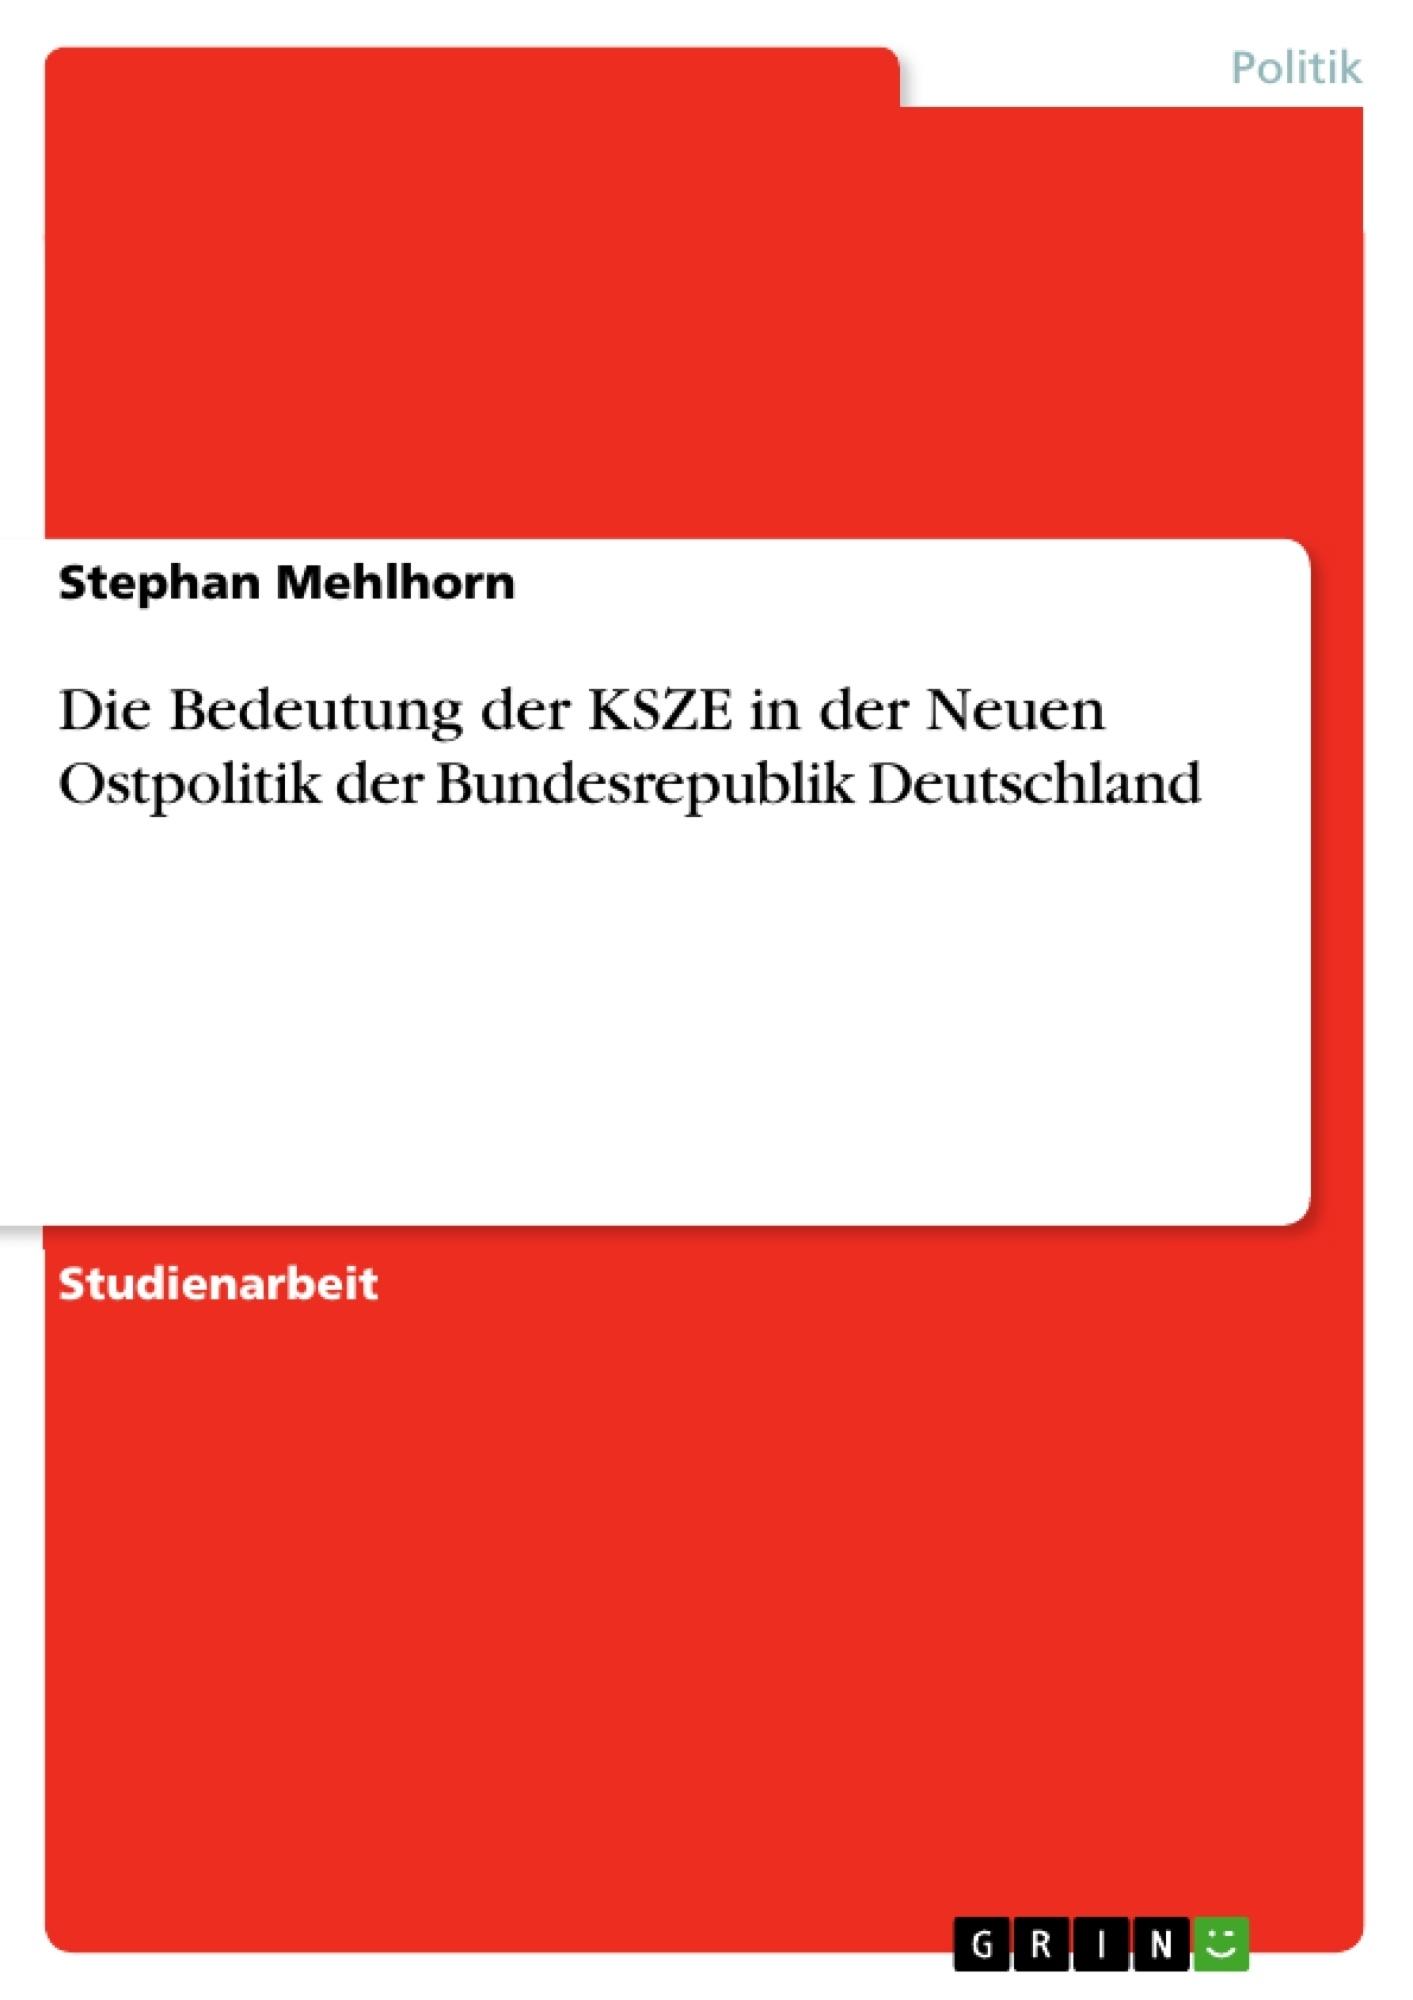 Titel: Die Bedeutung der KSZE in der Neuen Ostpolitik der Bundesrepublik Deutschland